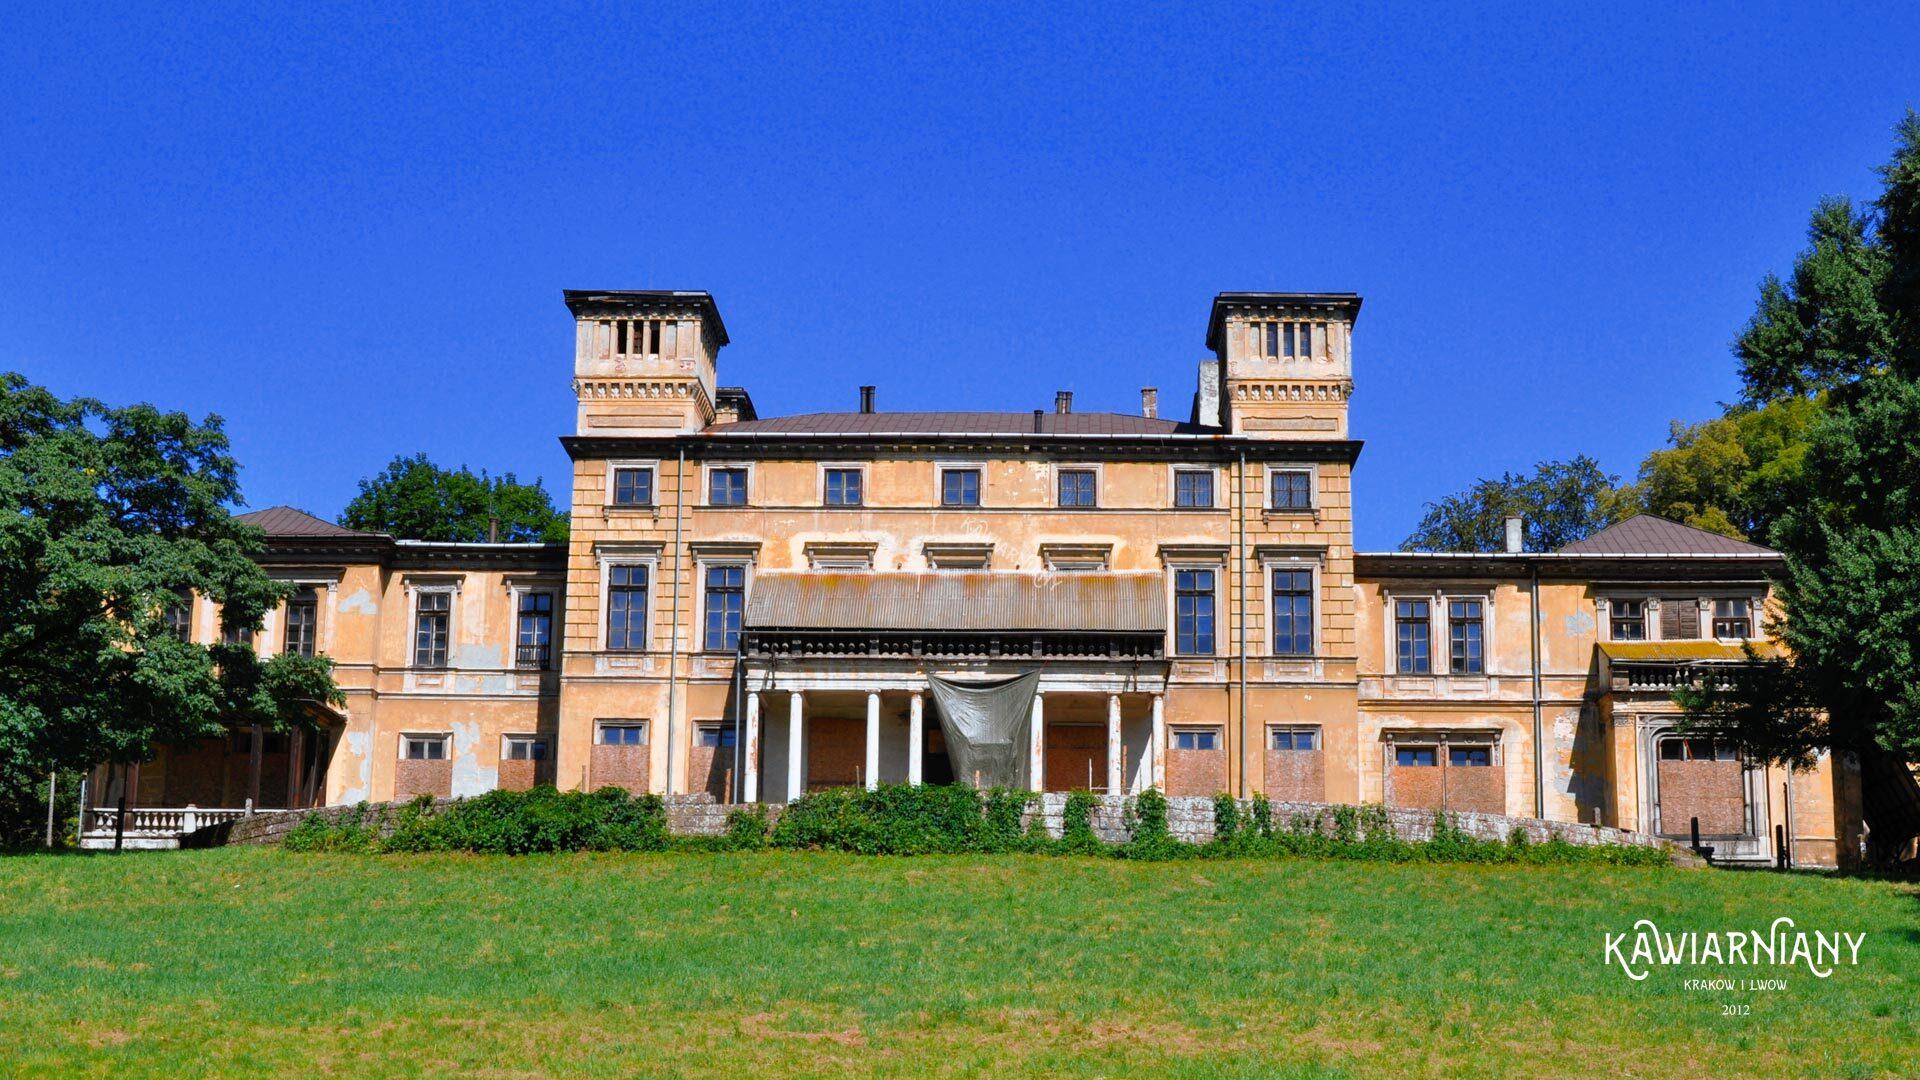 Pałac Potockich w Krzeszowicach – historia. Czy możliwe jest wejście?